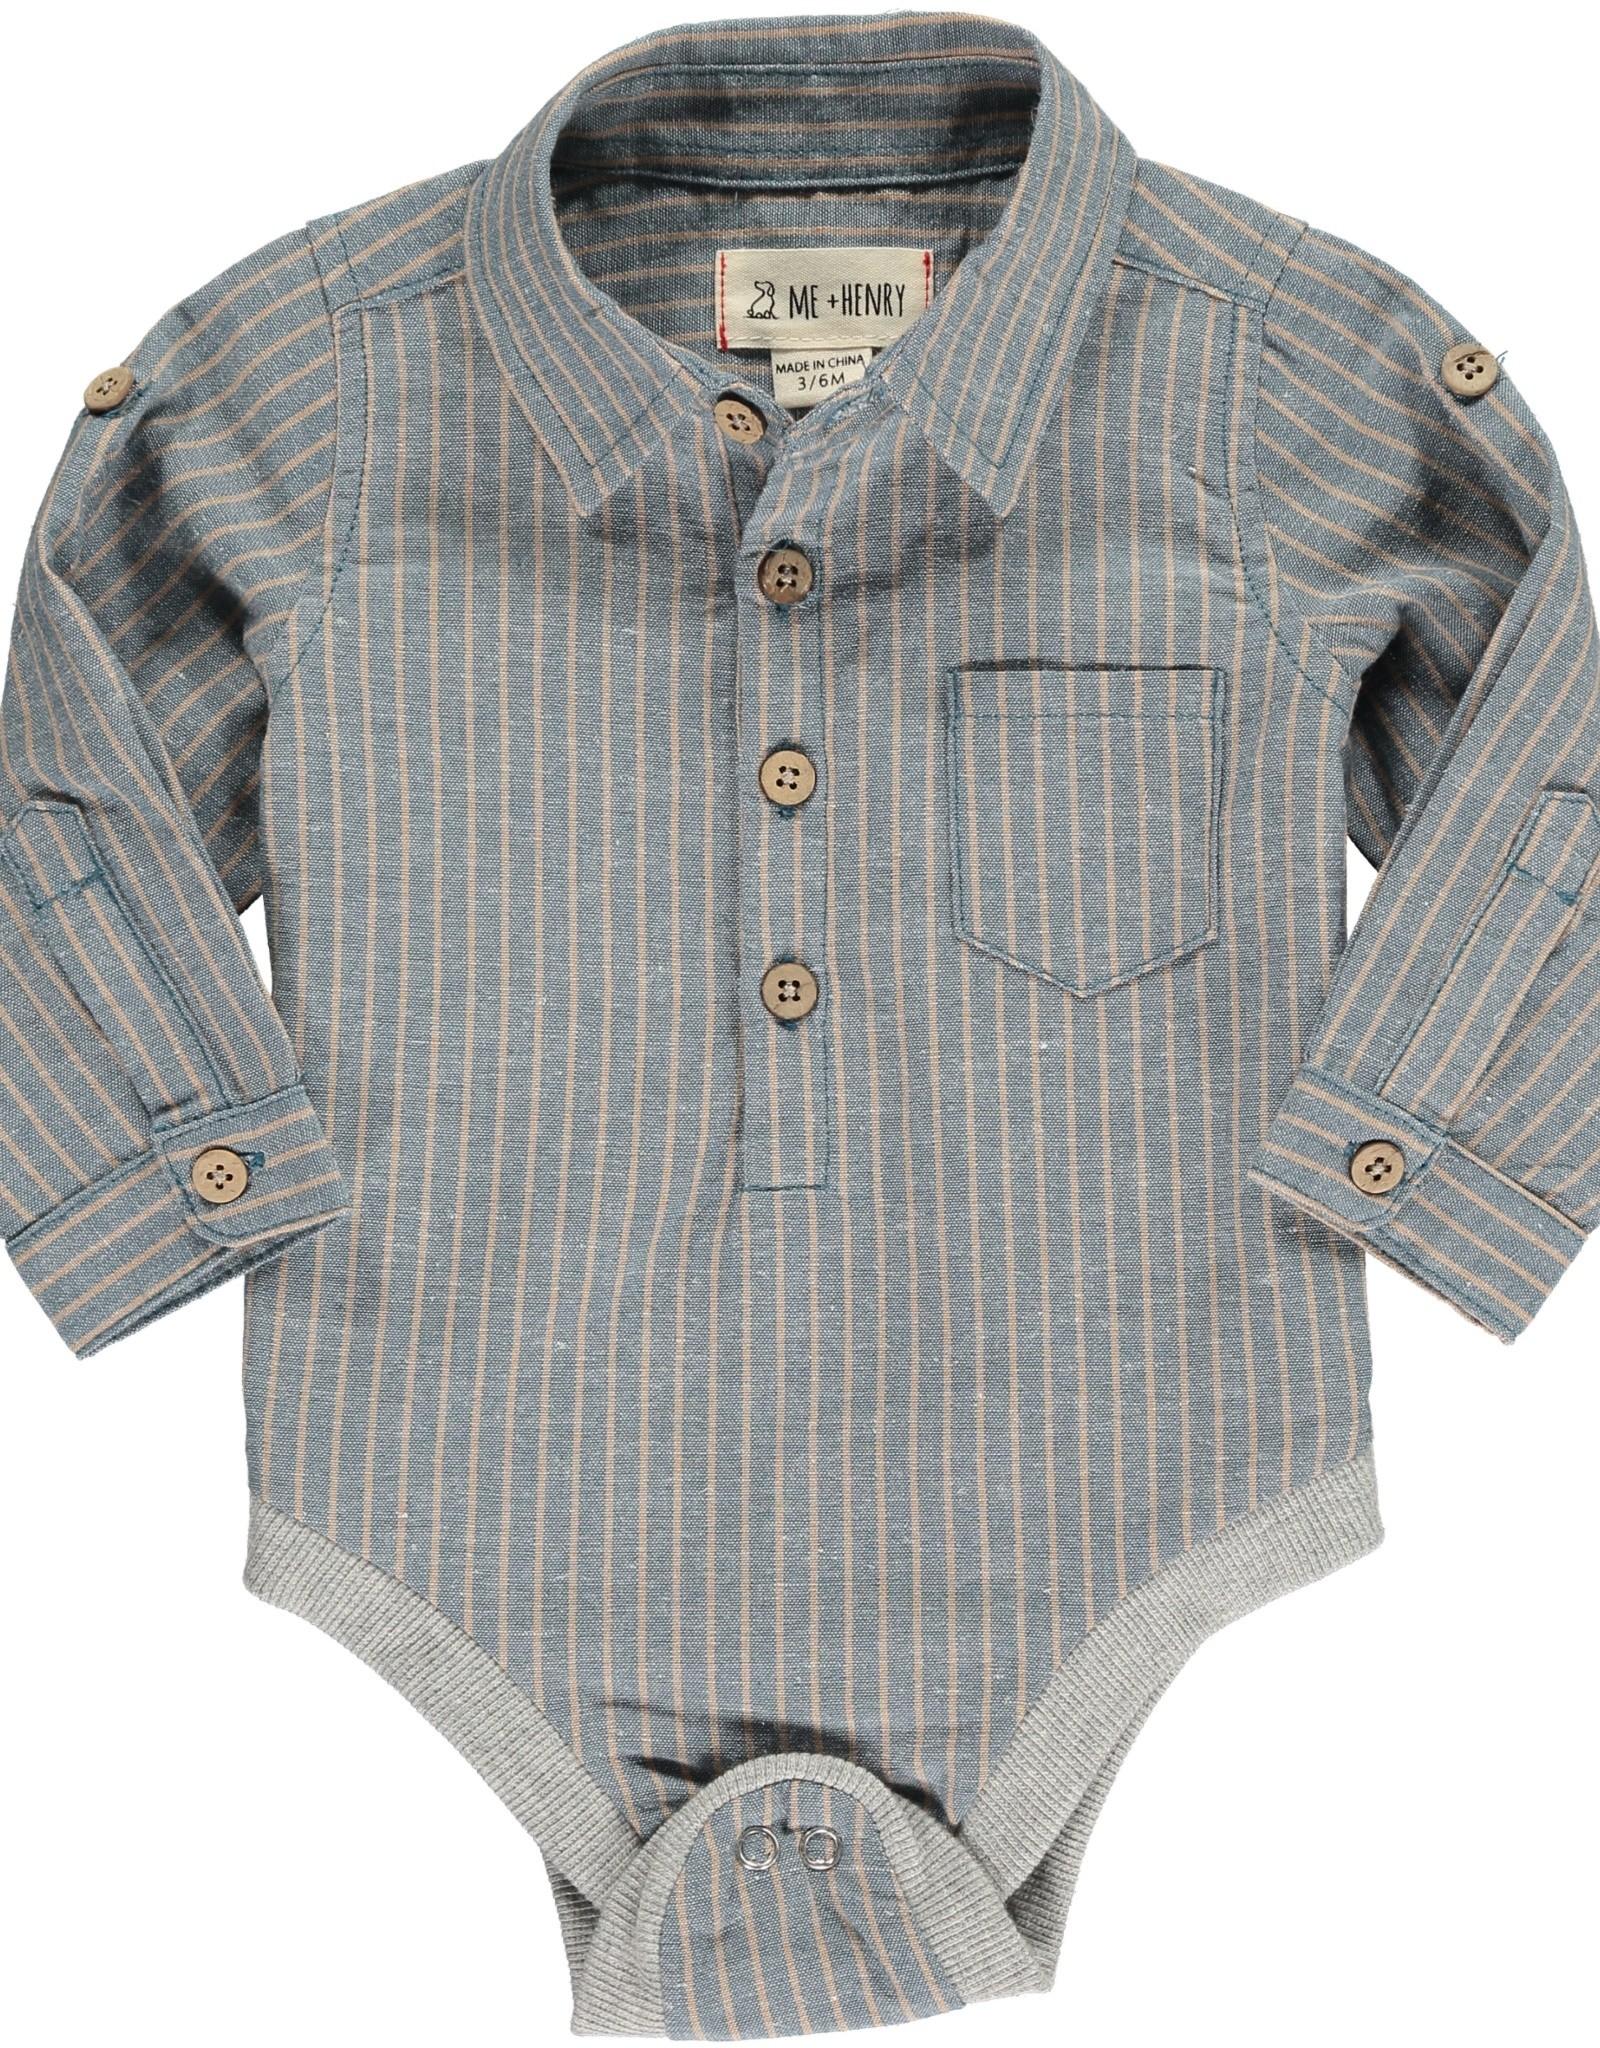 Me & Henry button down onesie- blue/beige stripe